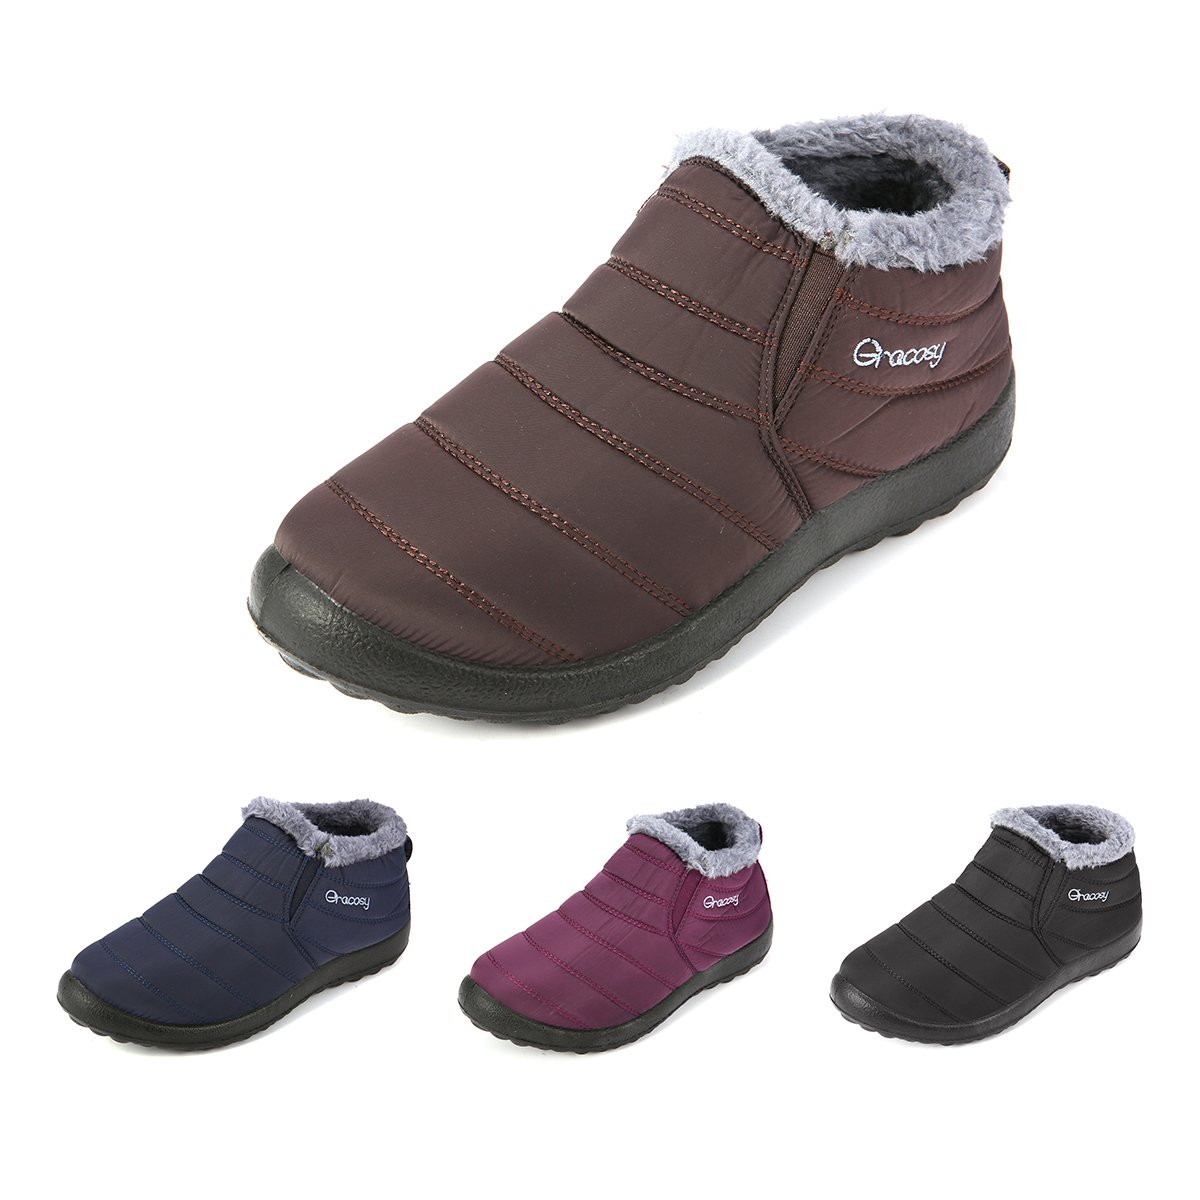 Imperméable Ville Plates à Hommes Bottes Fourrées de Pluie Hiver Chaussures avec de gracosy Talons Neige Femmes Plats EnfantsBottines Bottines 9DHW2IeEY